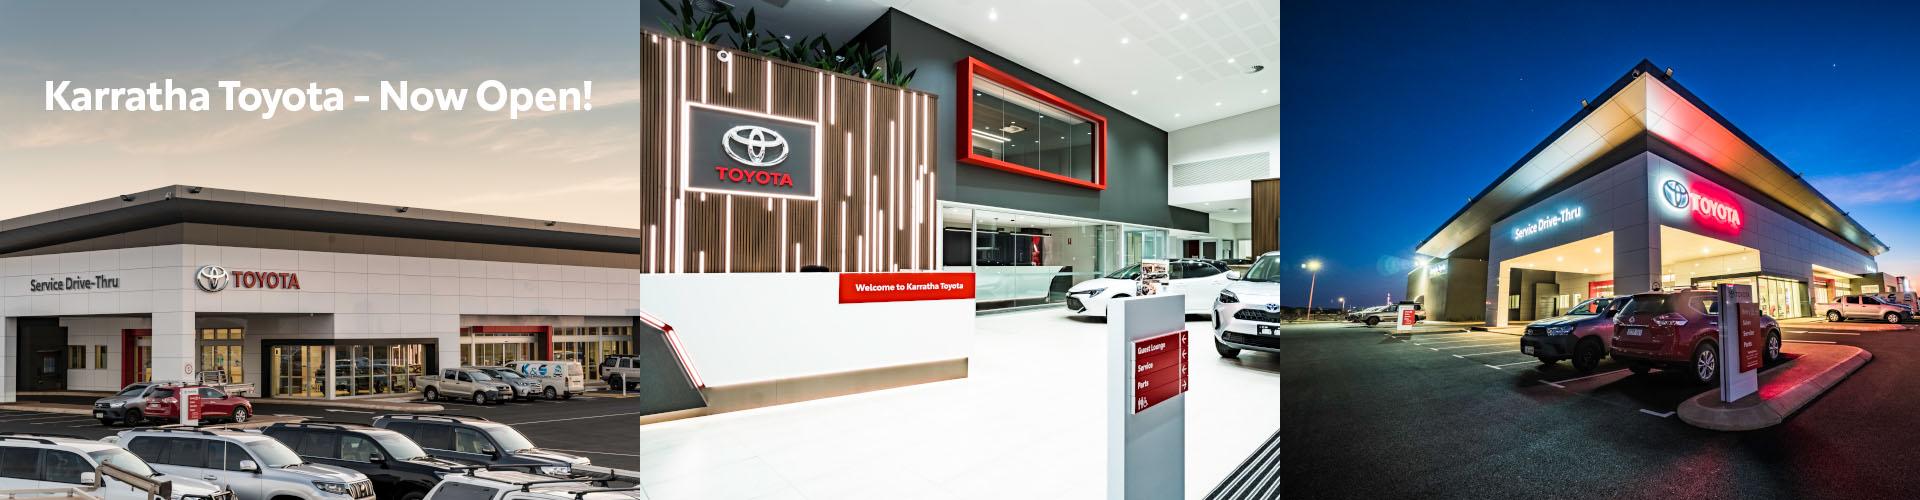 Karratha Toyota - Now Open!